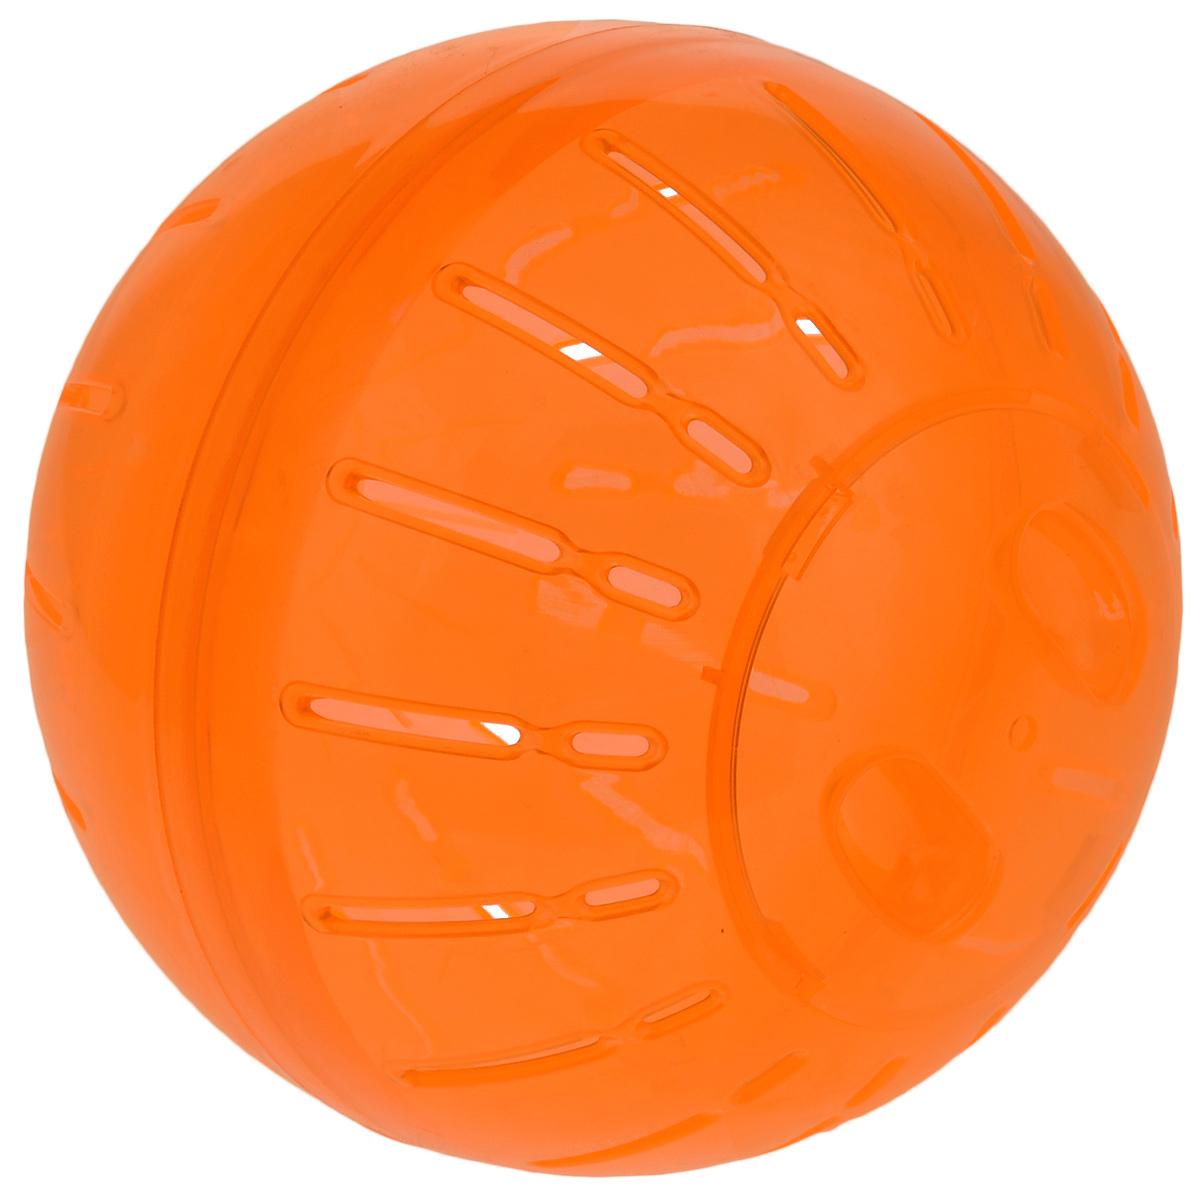 Игрушка для грызунов Triol Шар прогулочный, цвет: оранжевый, диаметр 19 см0120710Шар прогулочный Triol - это игрушка для грызунов, изготовленная из нетоксичного высококачественного пластика. Шар легко моется. Устойчивая конструкция с защелкивающимися дверцами обеспечит безопасность и предохранит вашего питомца от побега. Большие вентиляционные отверстия обеспечивают хорошую циркуляцию воздуха, а специально разработанные выступы для лап - удобство при передвижении. Прогулка в таком шаре обеспечит грызуну нагрузку, а значит, поможет поддержать хорошую физическую форму. Чтобы правильно подобрать шар, следует измерить длину животного: диаметр шара должен быть чуть больше, чем длина вашего питомца.Диаметр шара: 19 см.